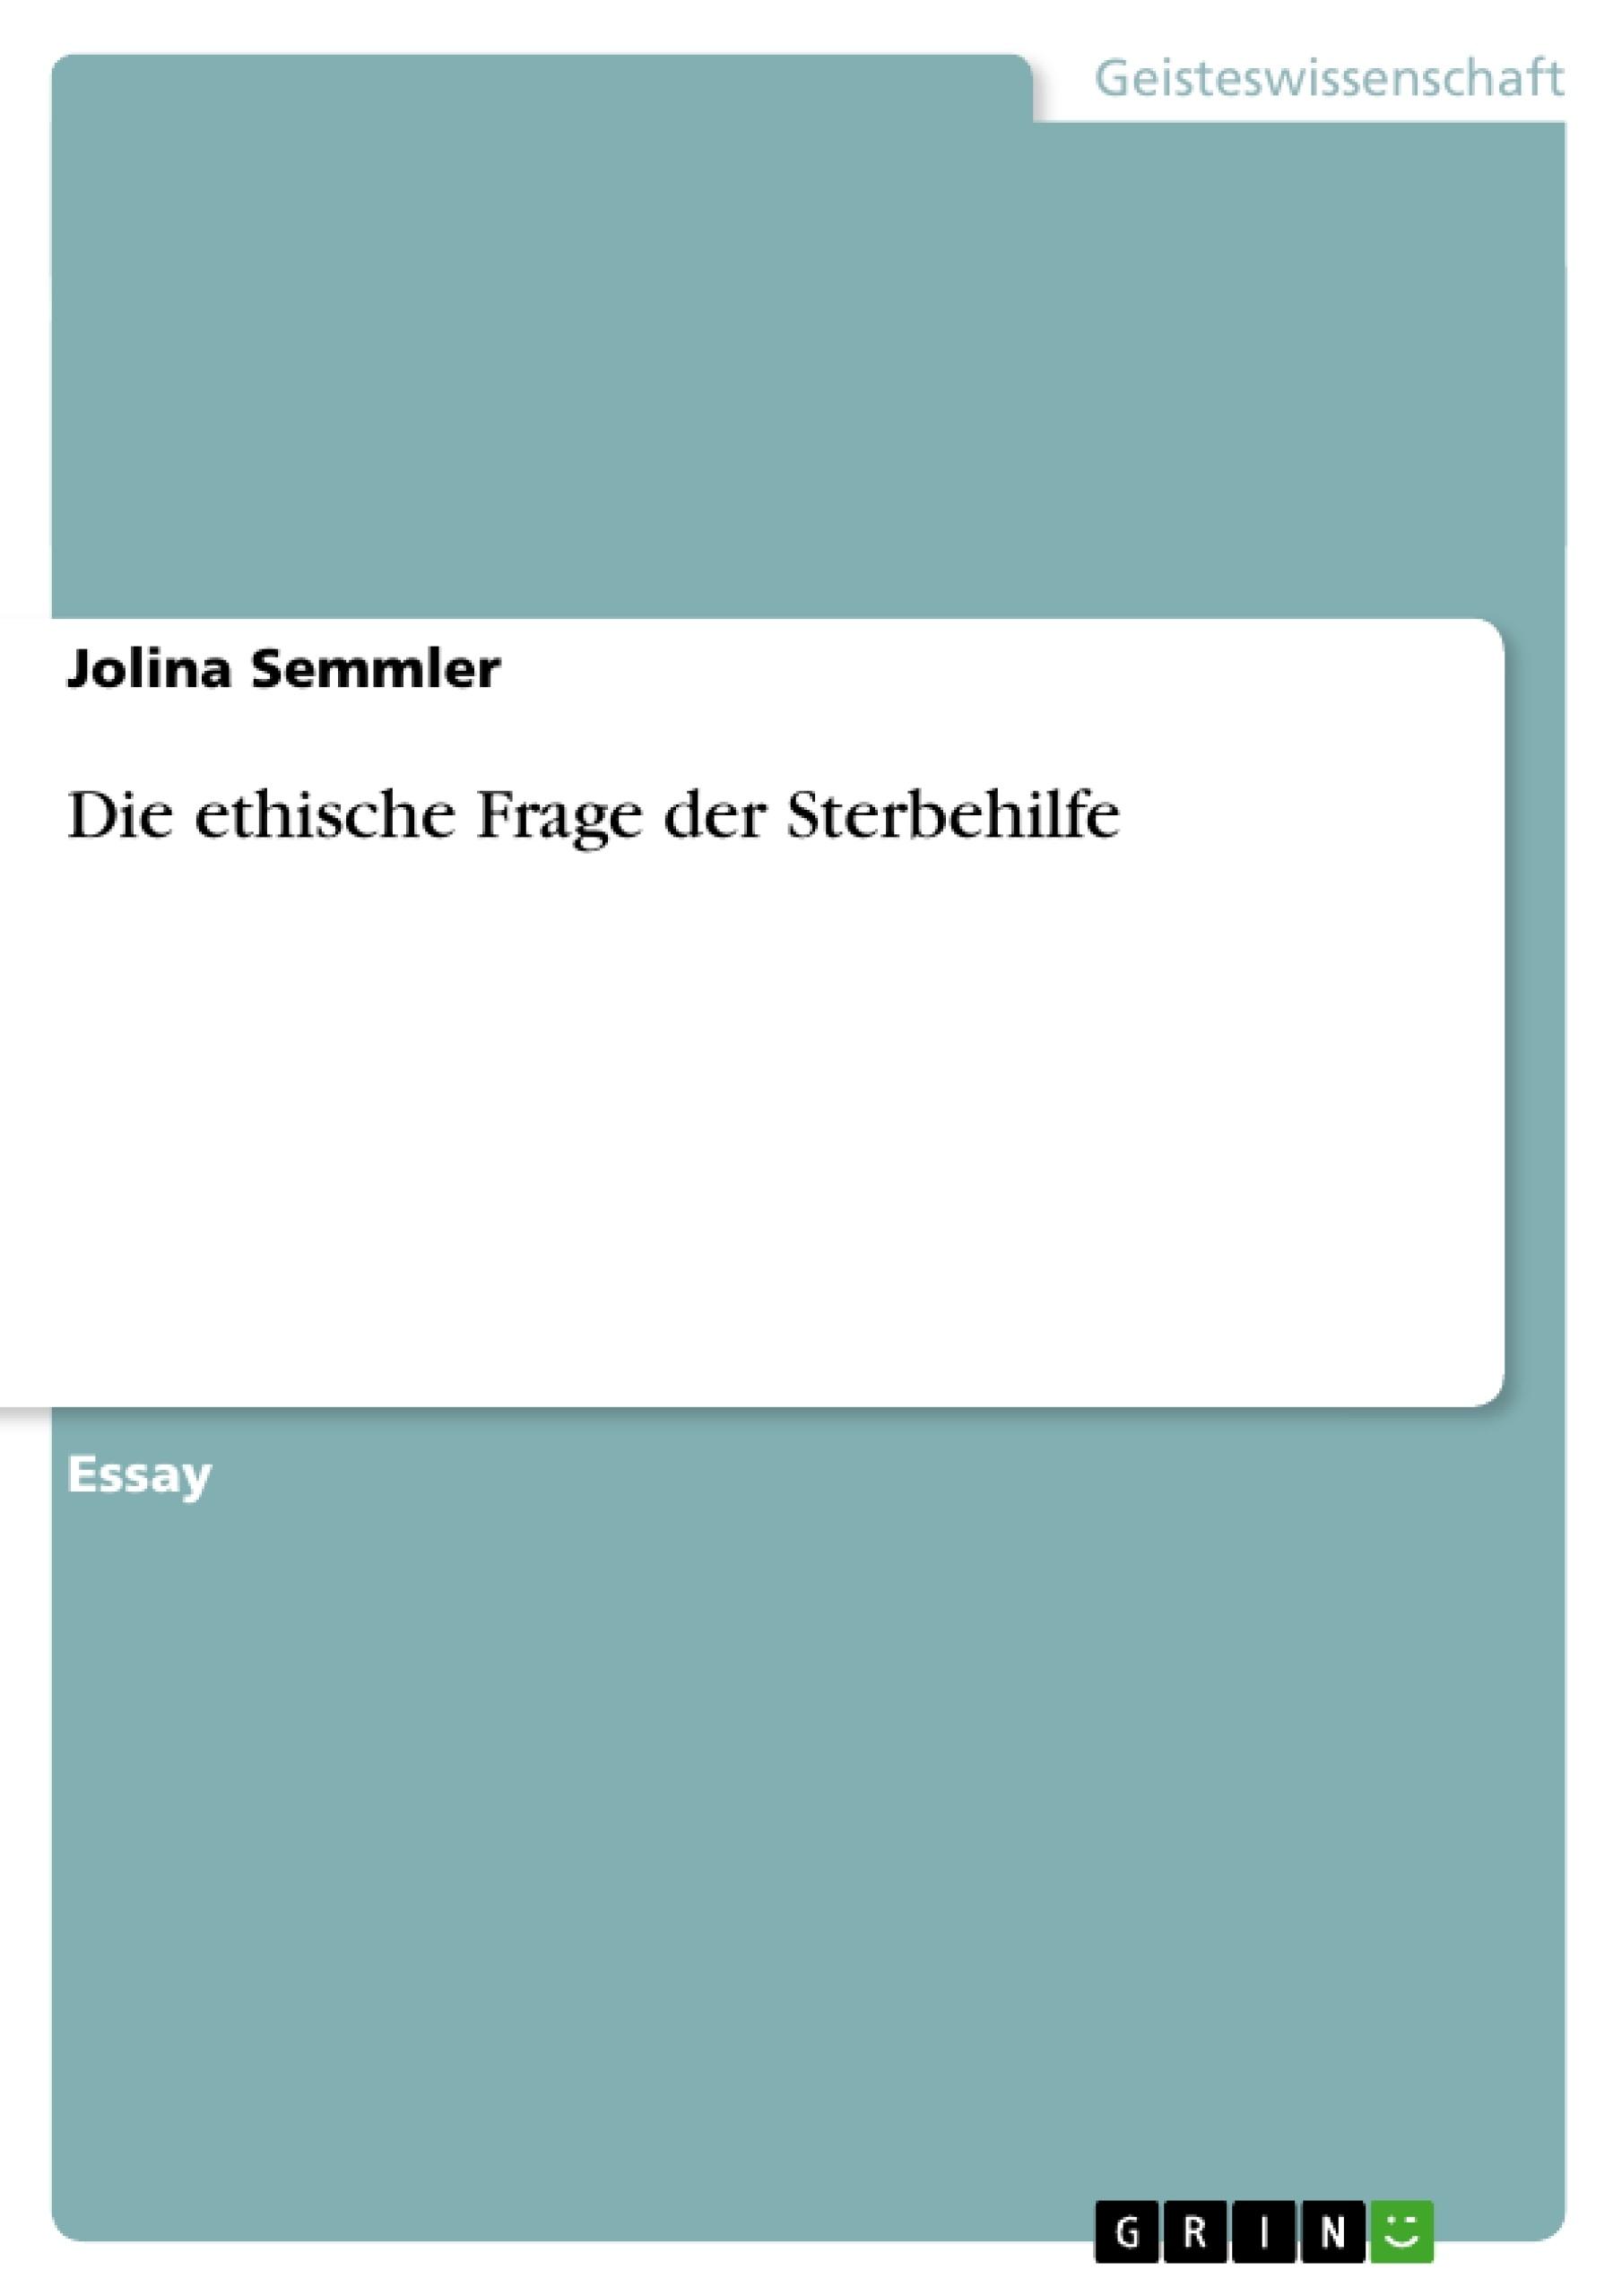 Titel: Die ethische Frage der Sterbehilfe